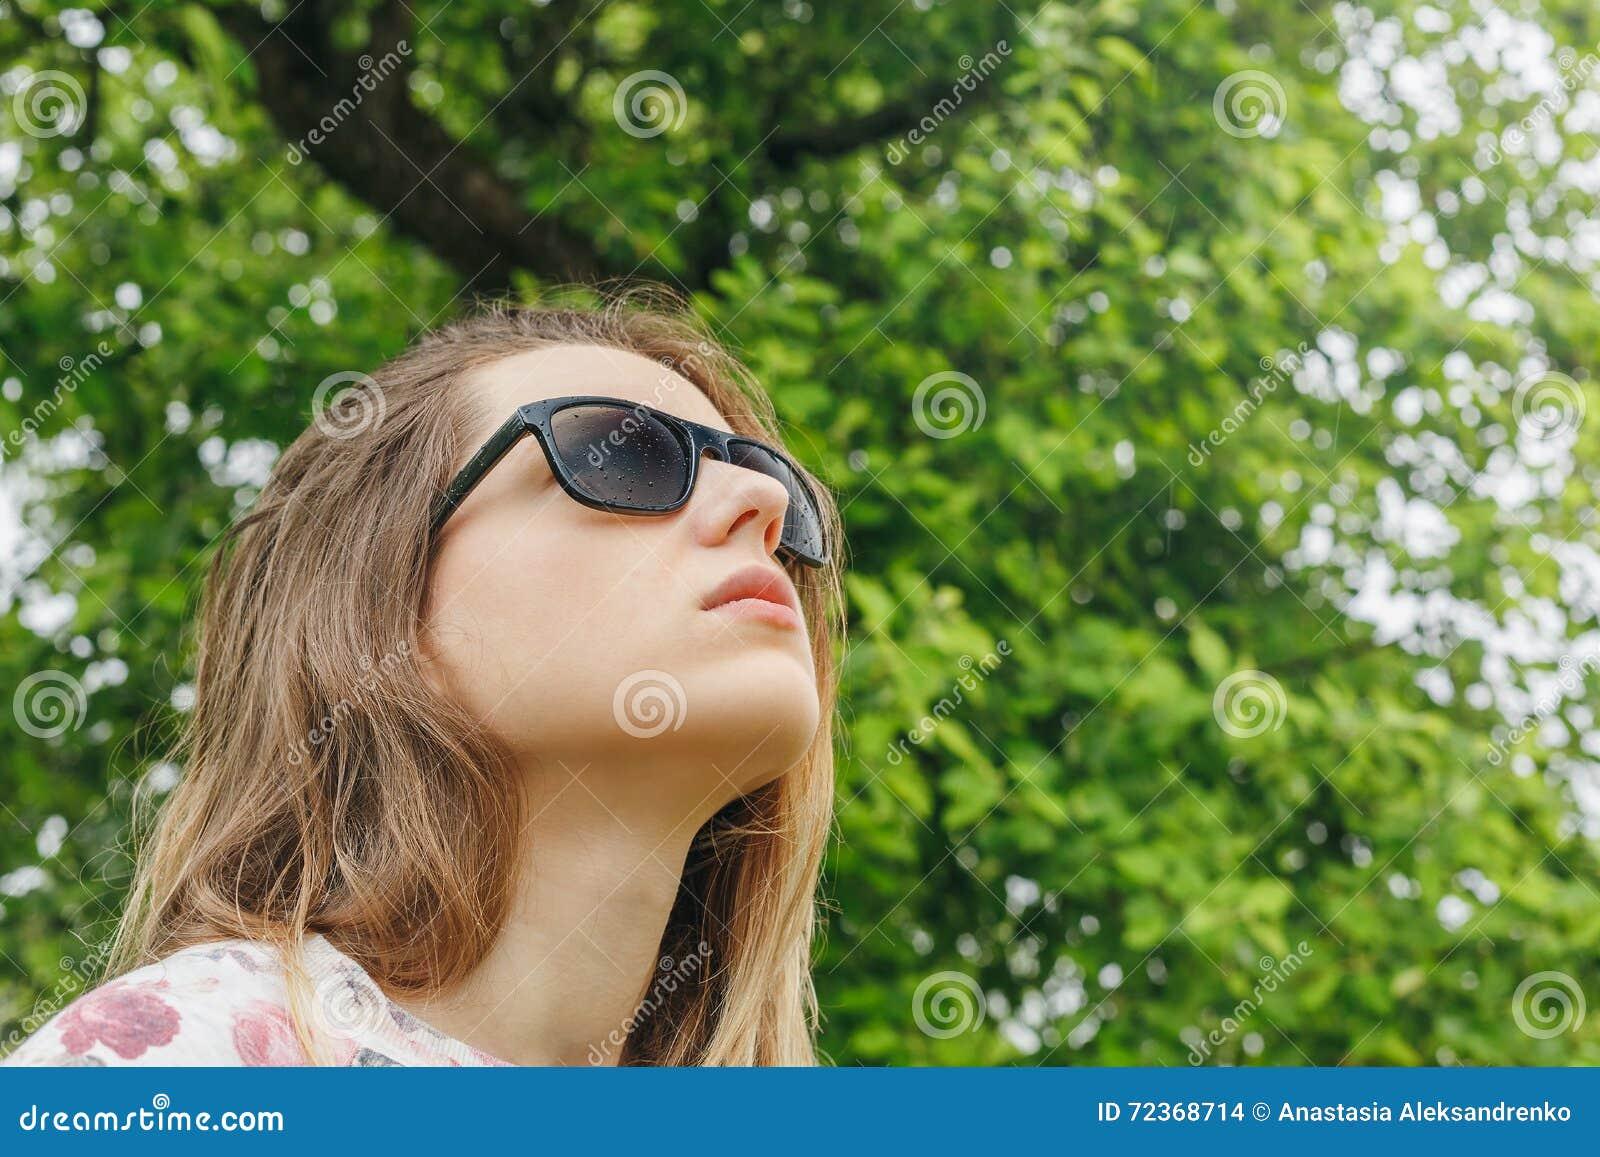 太阳镜的女孩下雨看天空